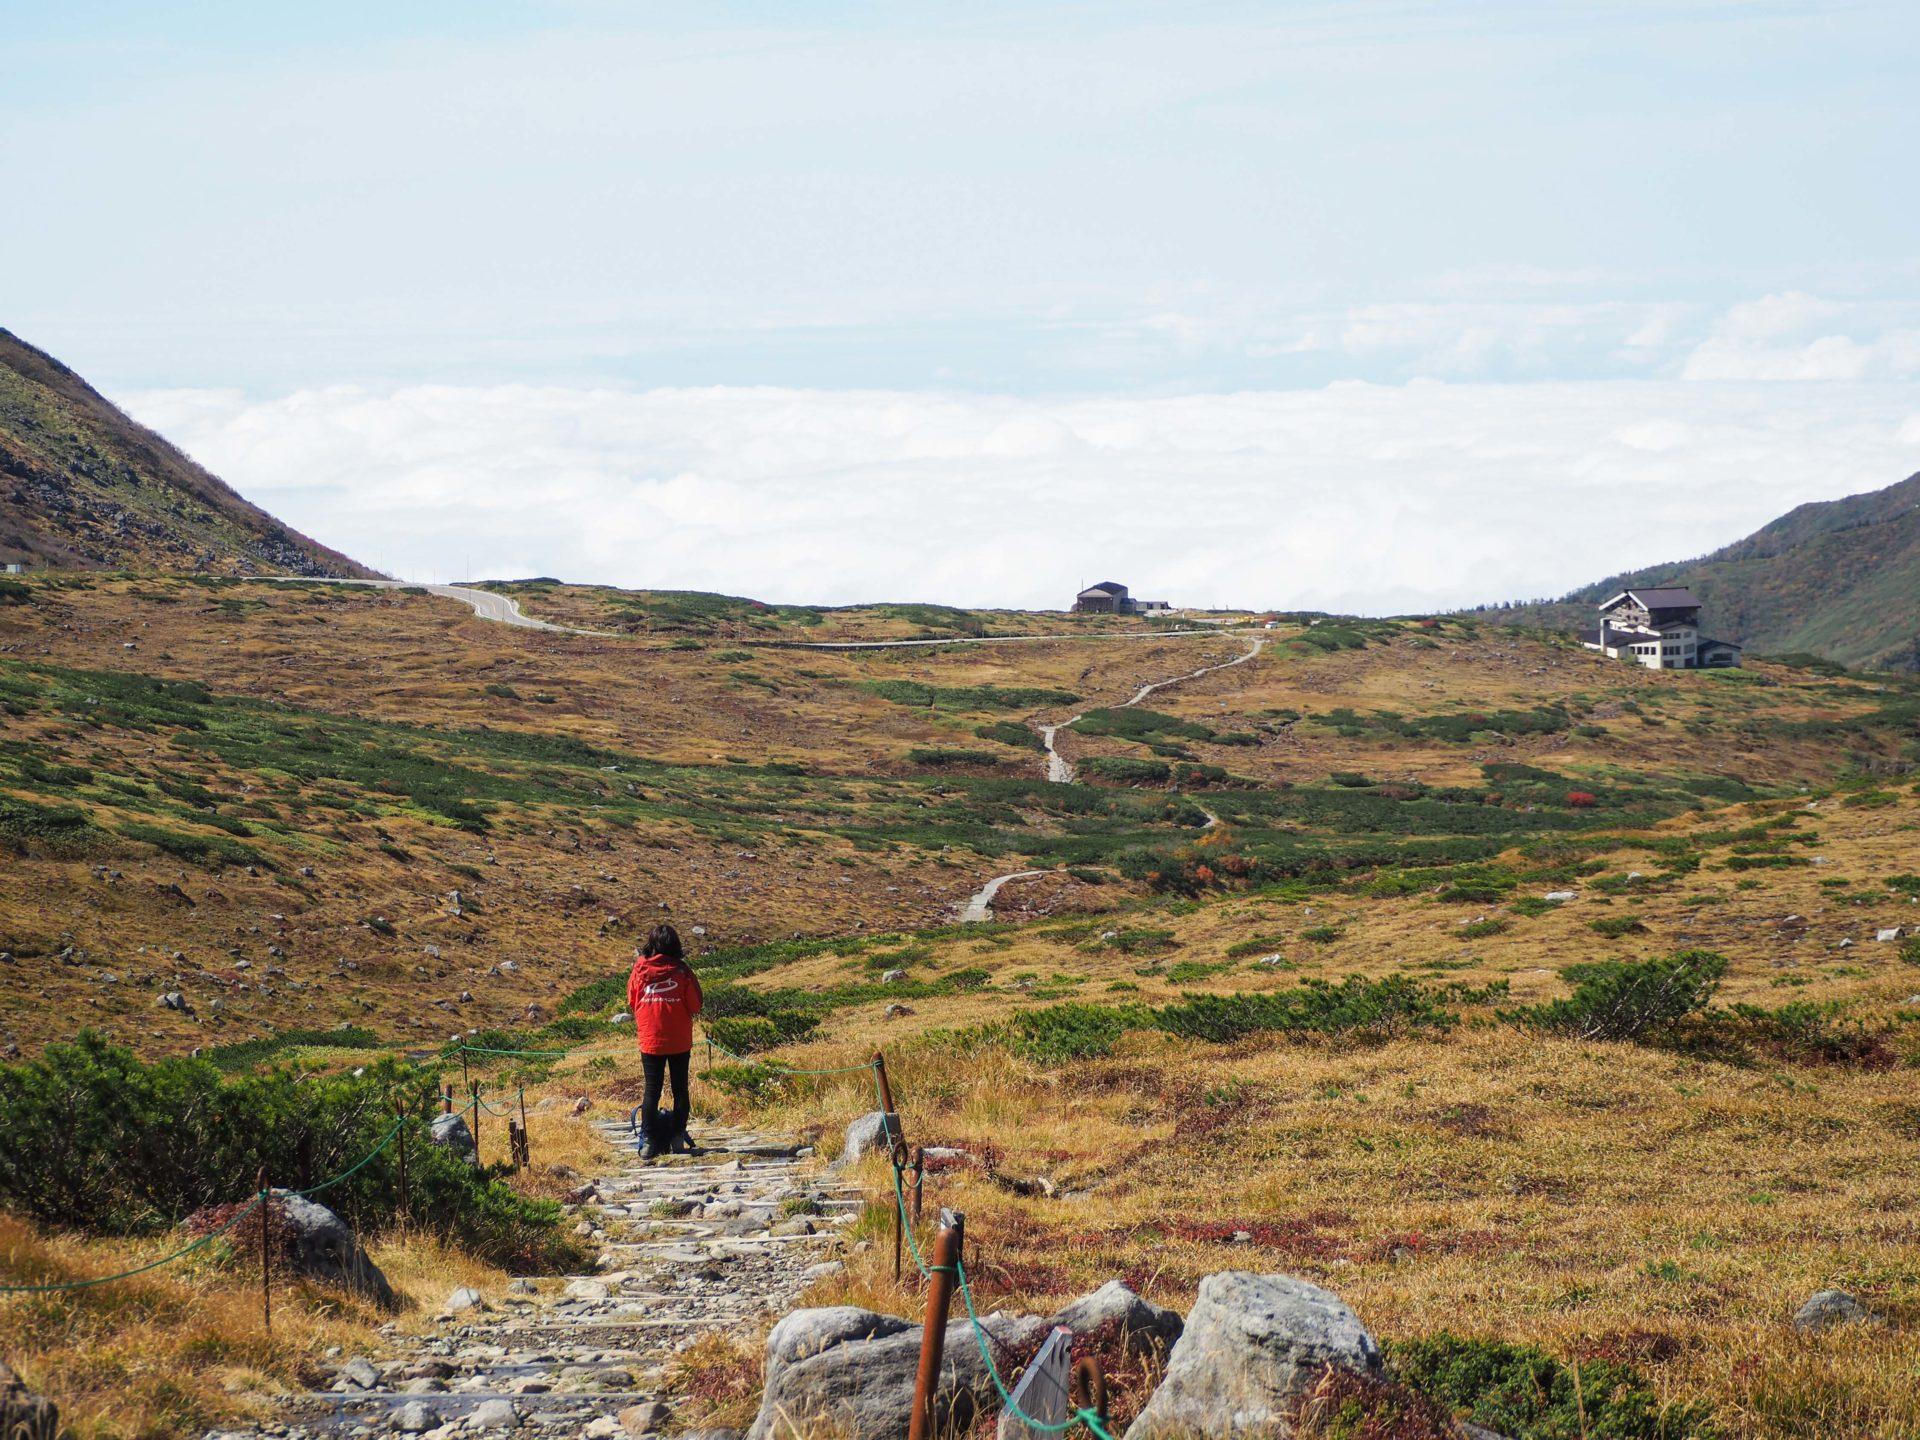 Paysages volcaniques - Série photo dans les Alpes Japonaises - Photo Alpes Japonaises - Toyama - Murodo - Tateyama - Japon